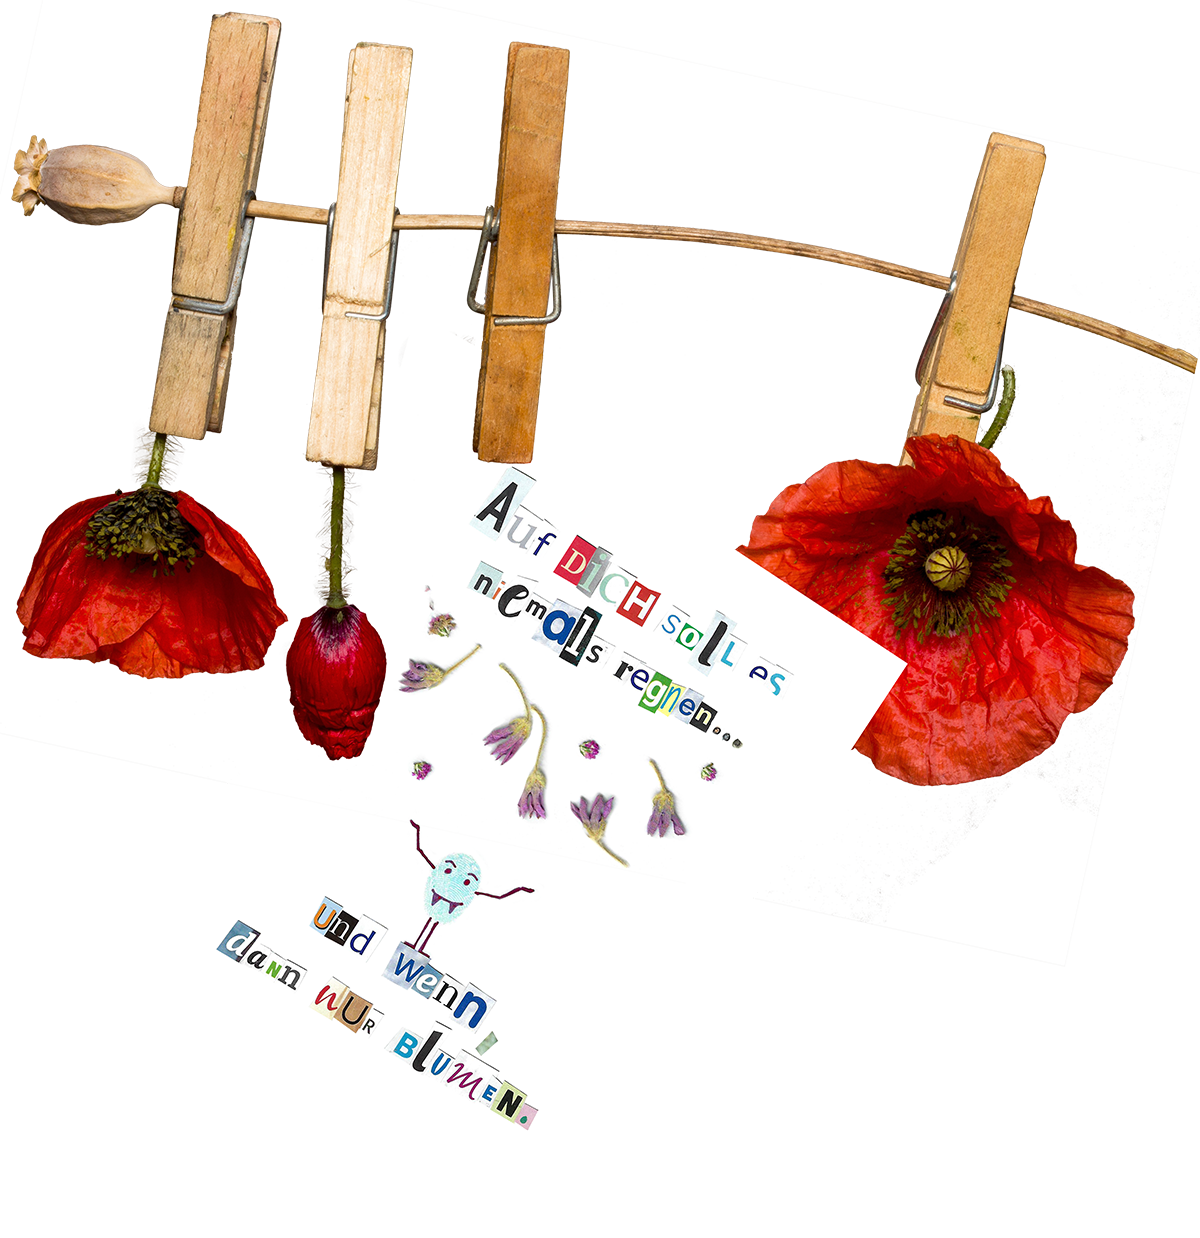 BlumenRegnengroesser_web